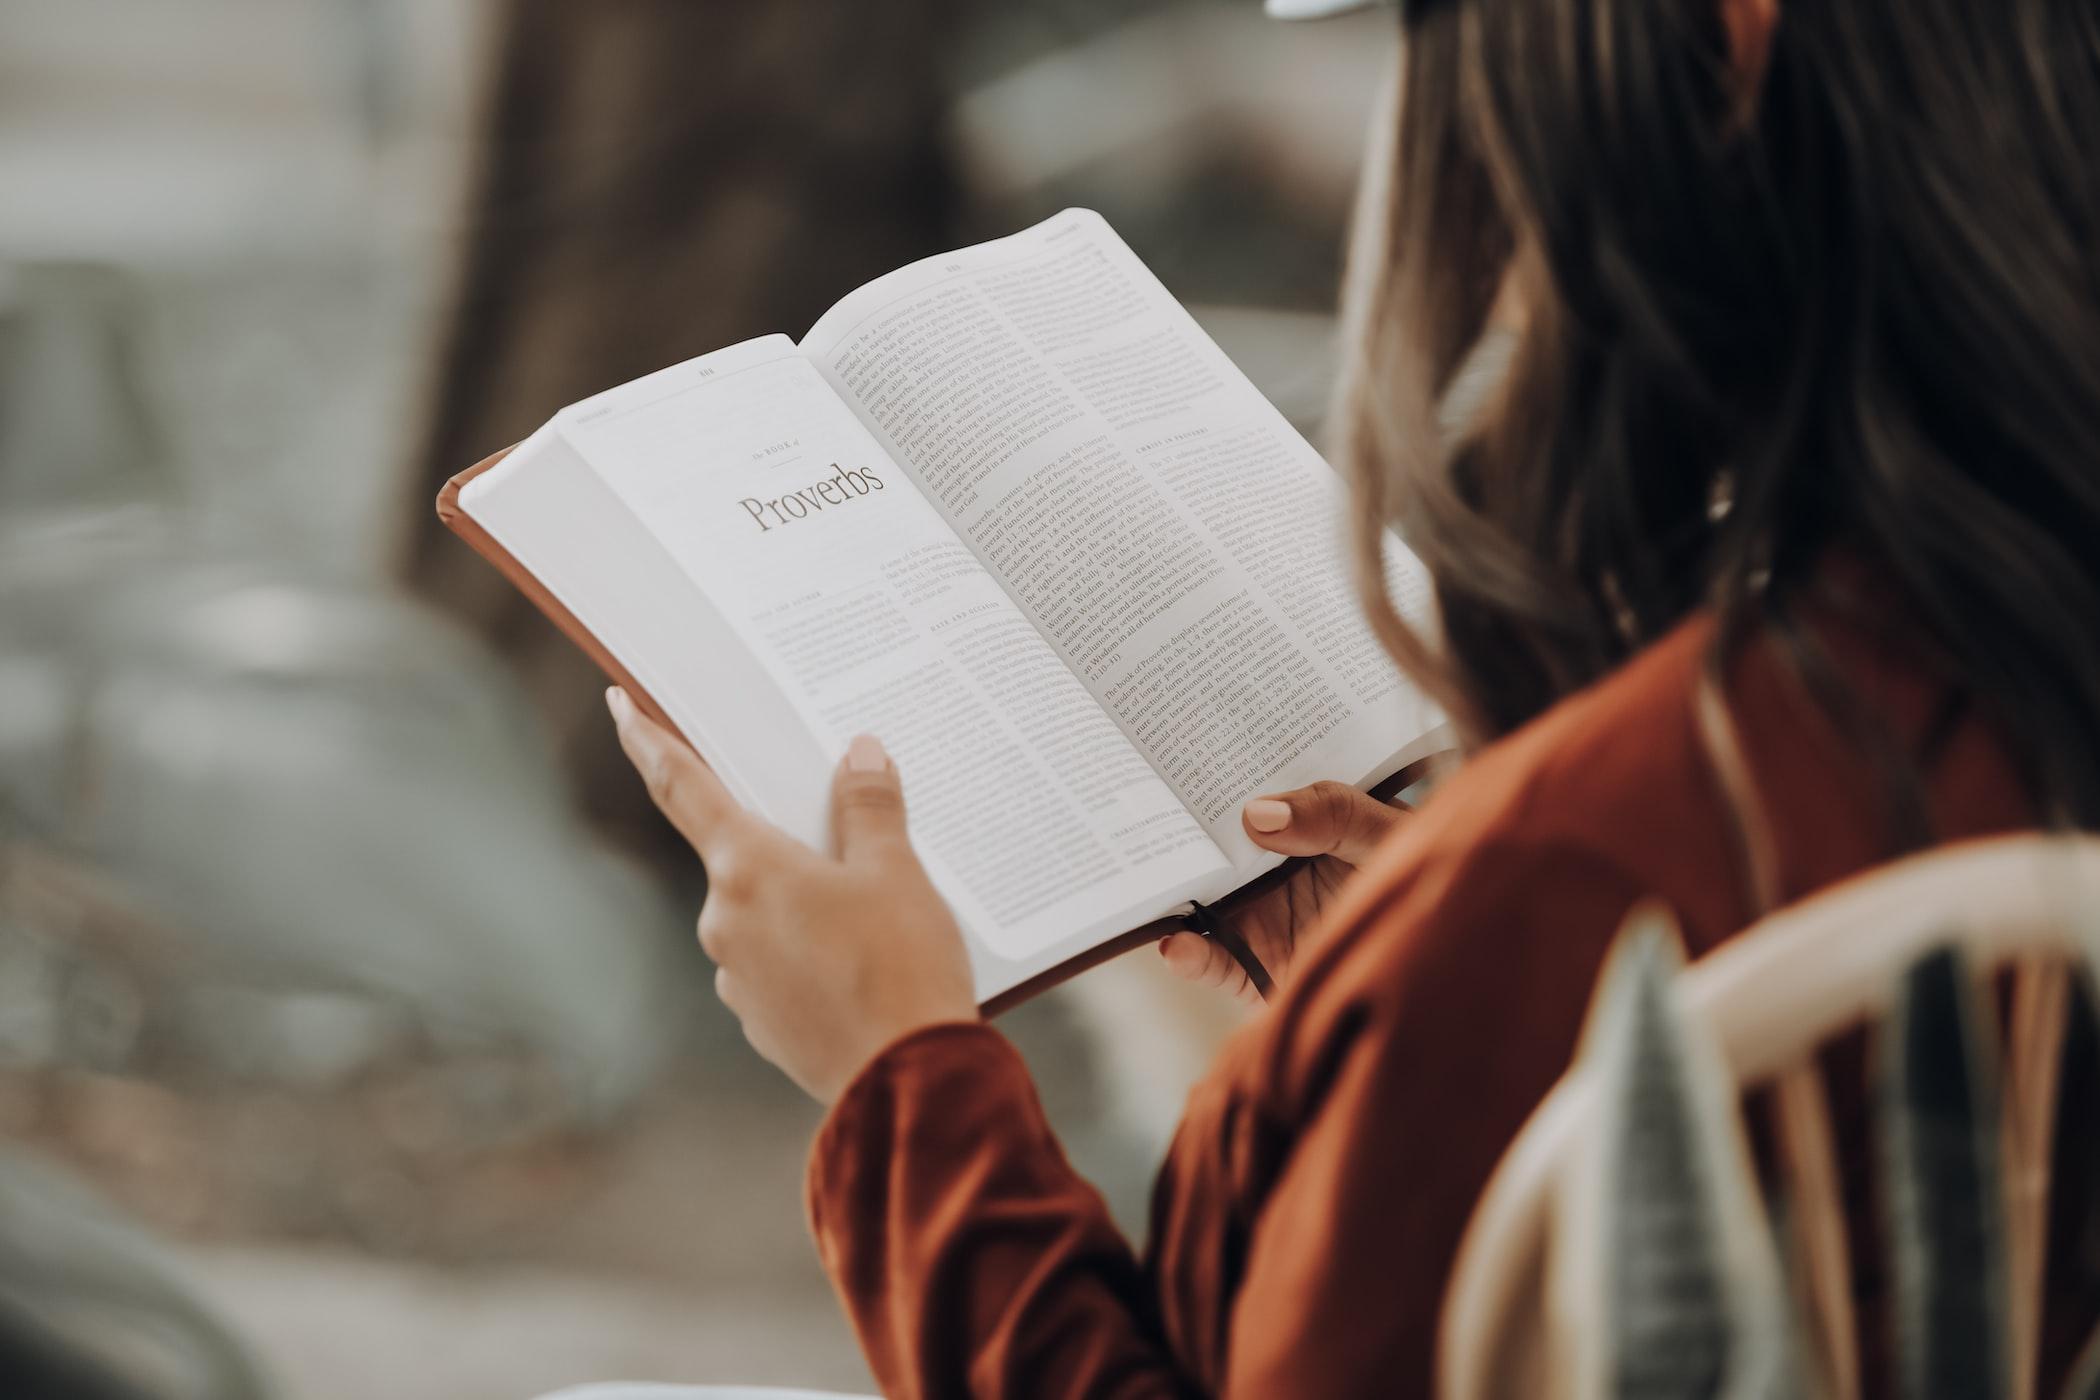 現代文の語彙力を身につける方法『読書』